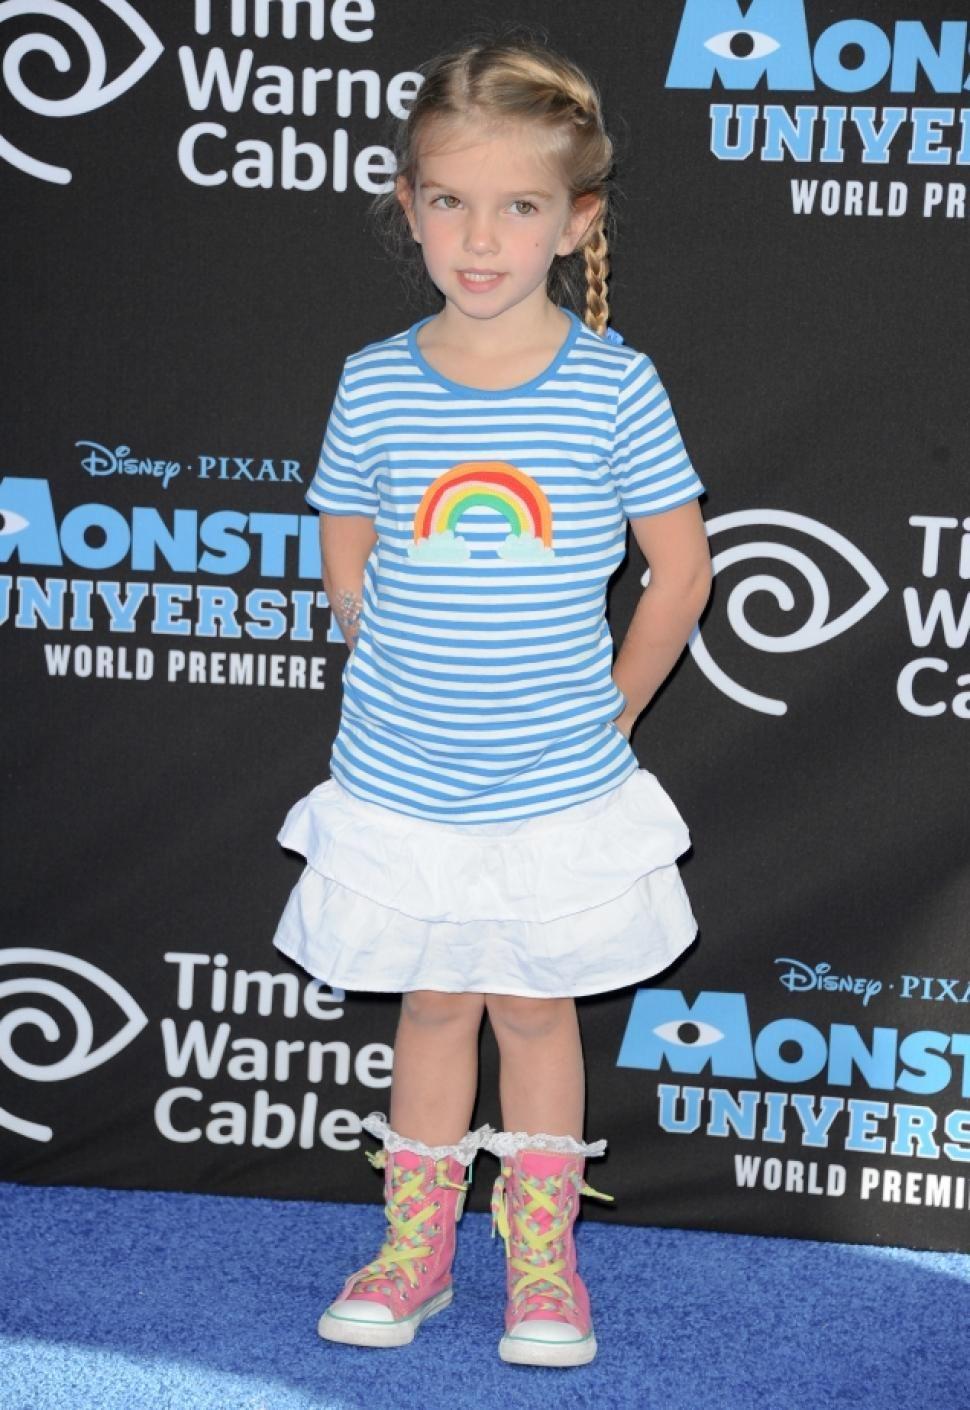 Disney child star Mia Talerico, 5, target of death threats - NY ...